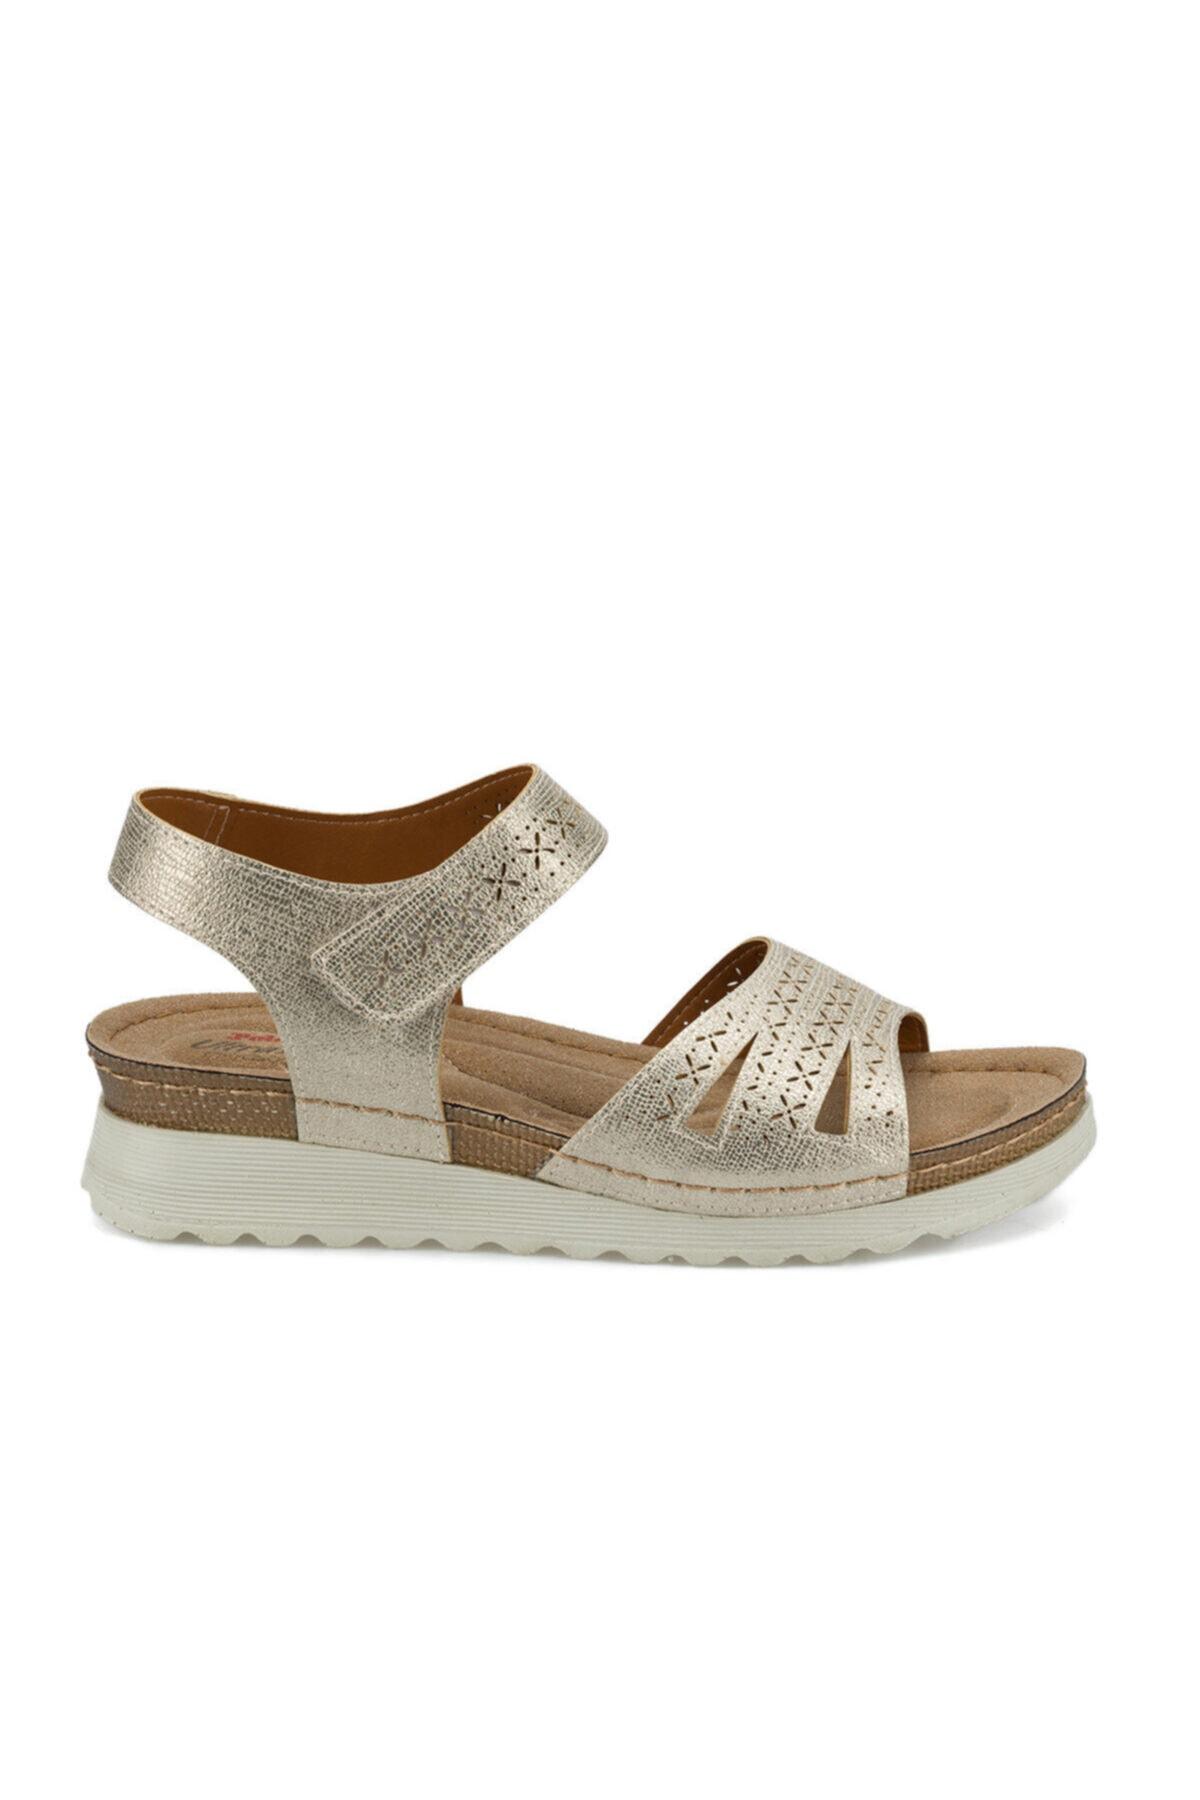 Polaris 161167.Z Altın Kadın Sandalet 100509628 2